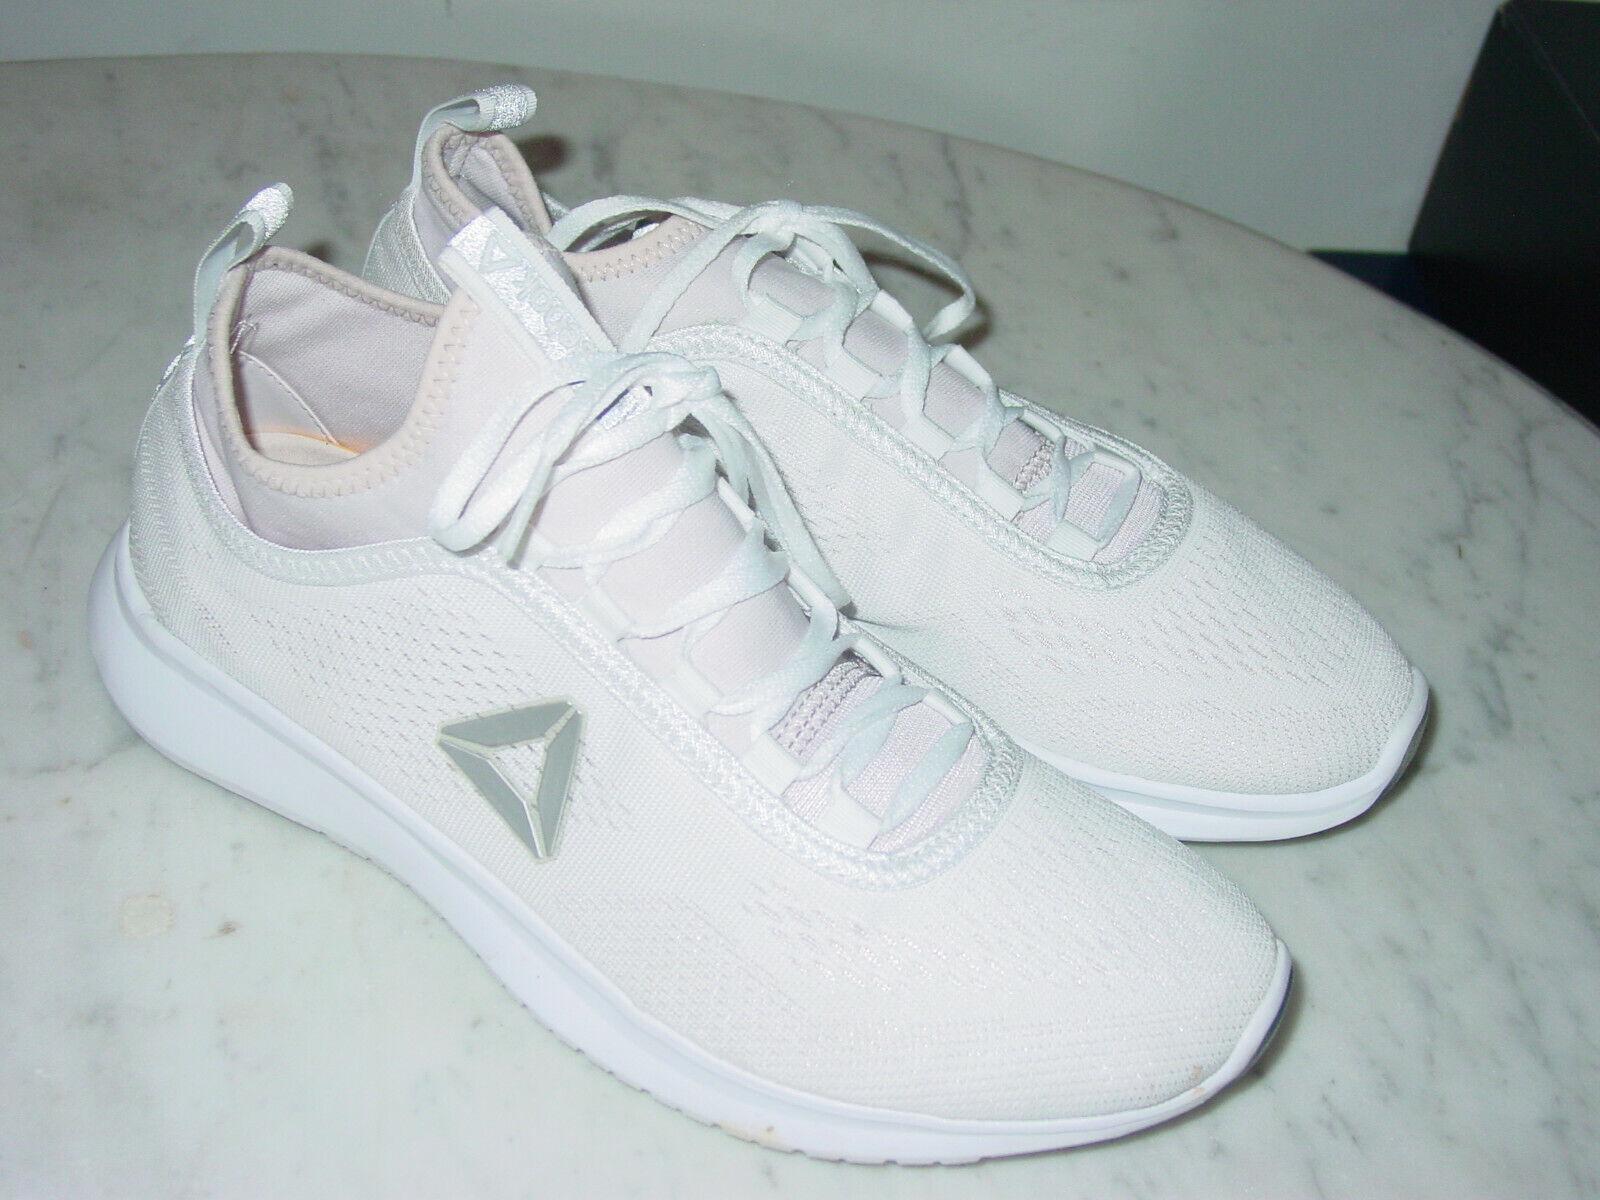 Reebok Plus Runner Tech White Silver